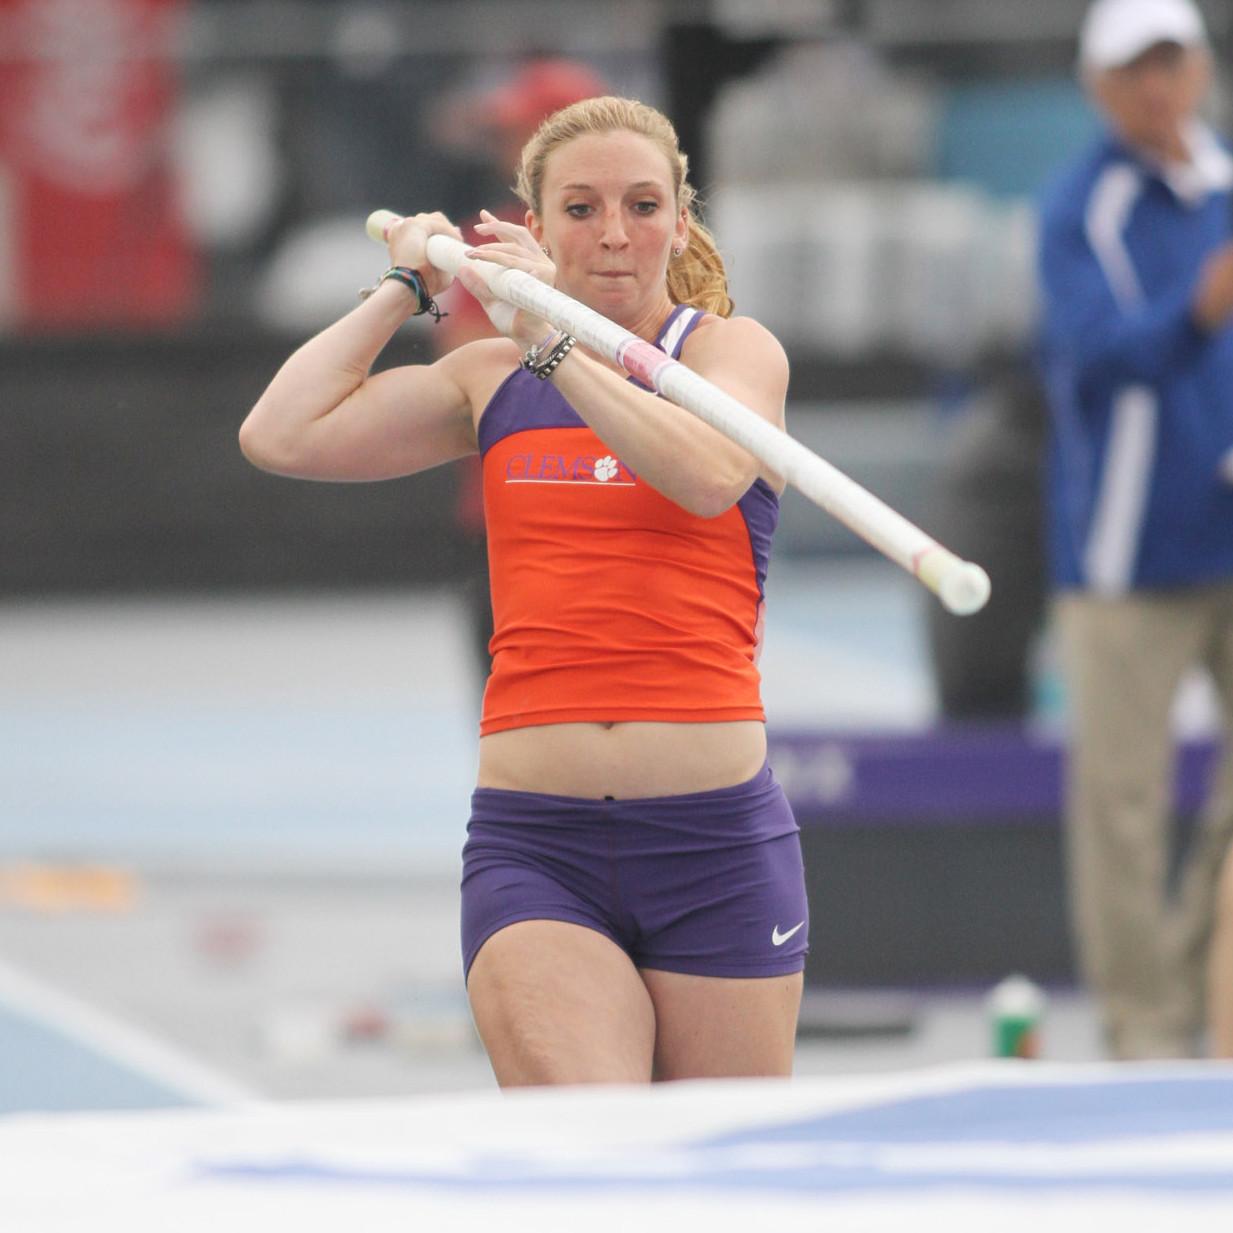 Terstappen Wins Vault at Penn